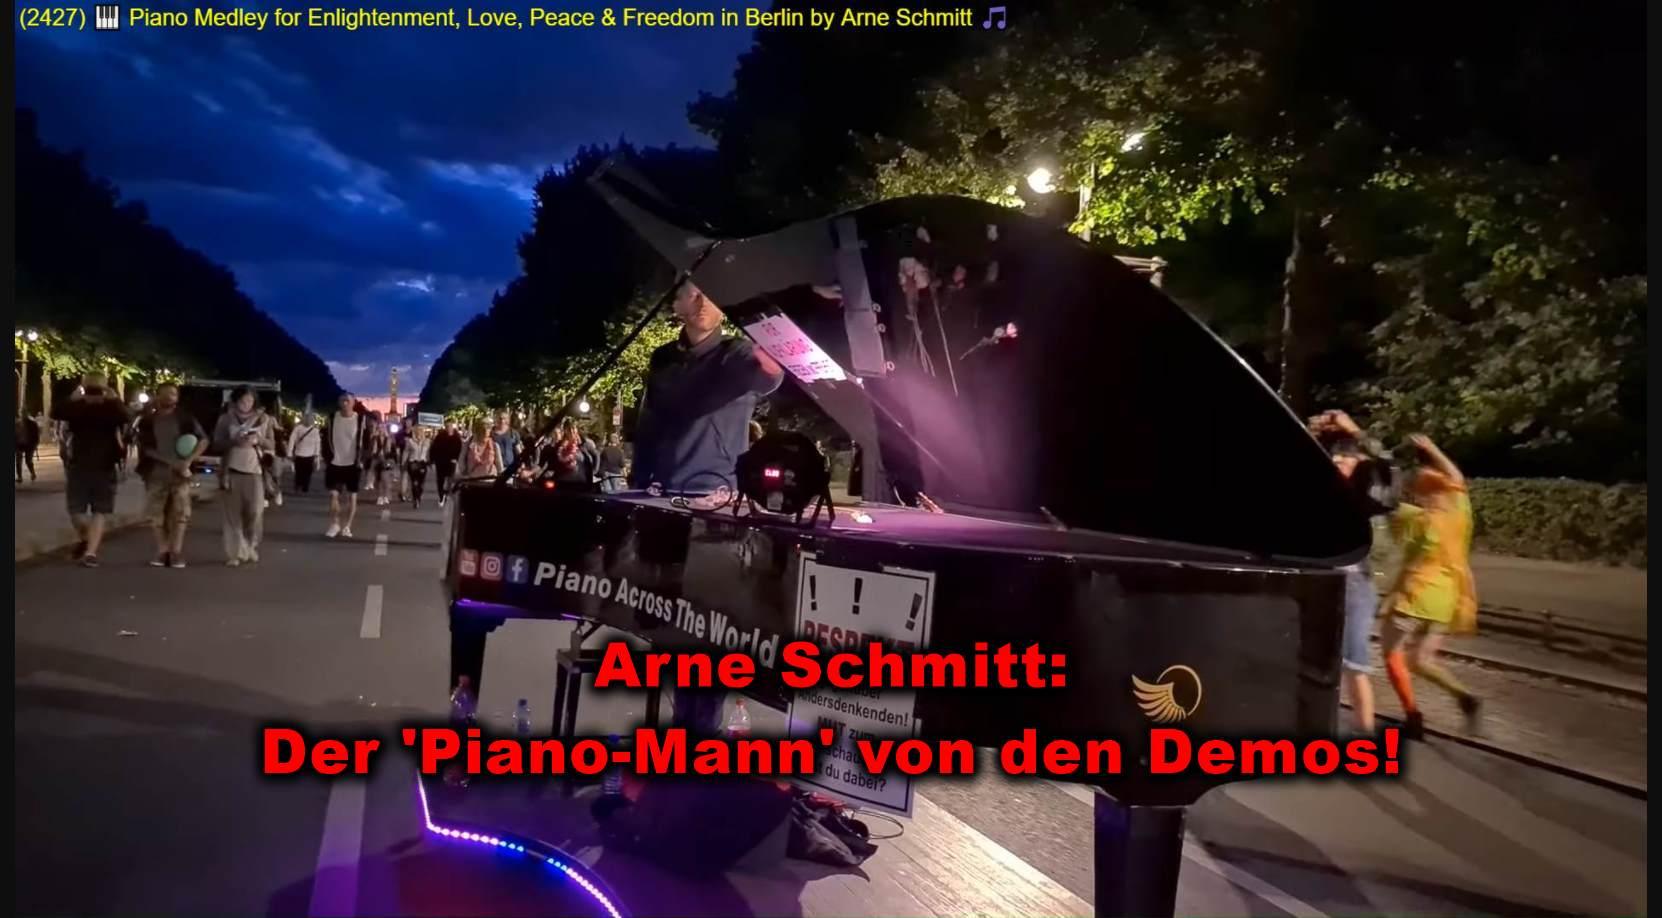 Arne Schmitt! } Der Pianist auf den Demos!